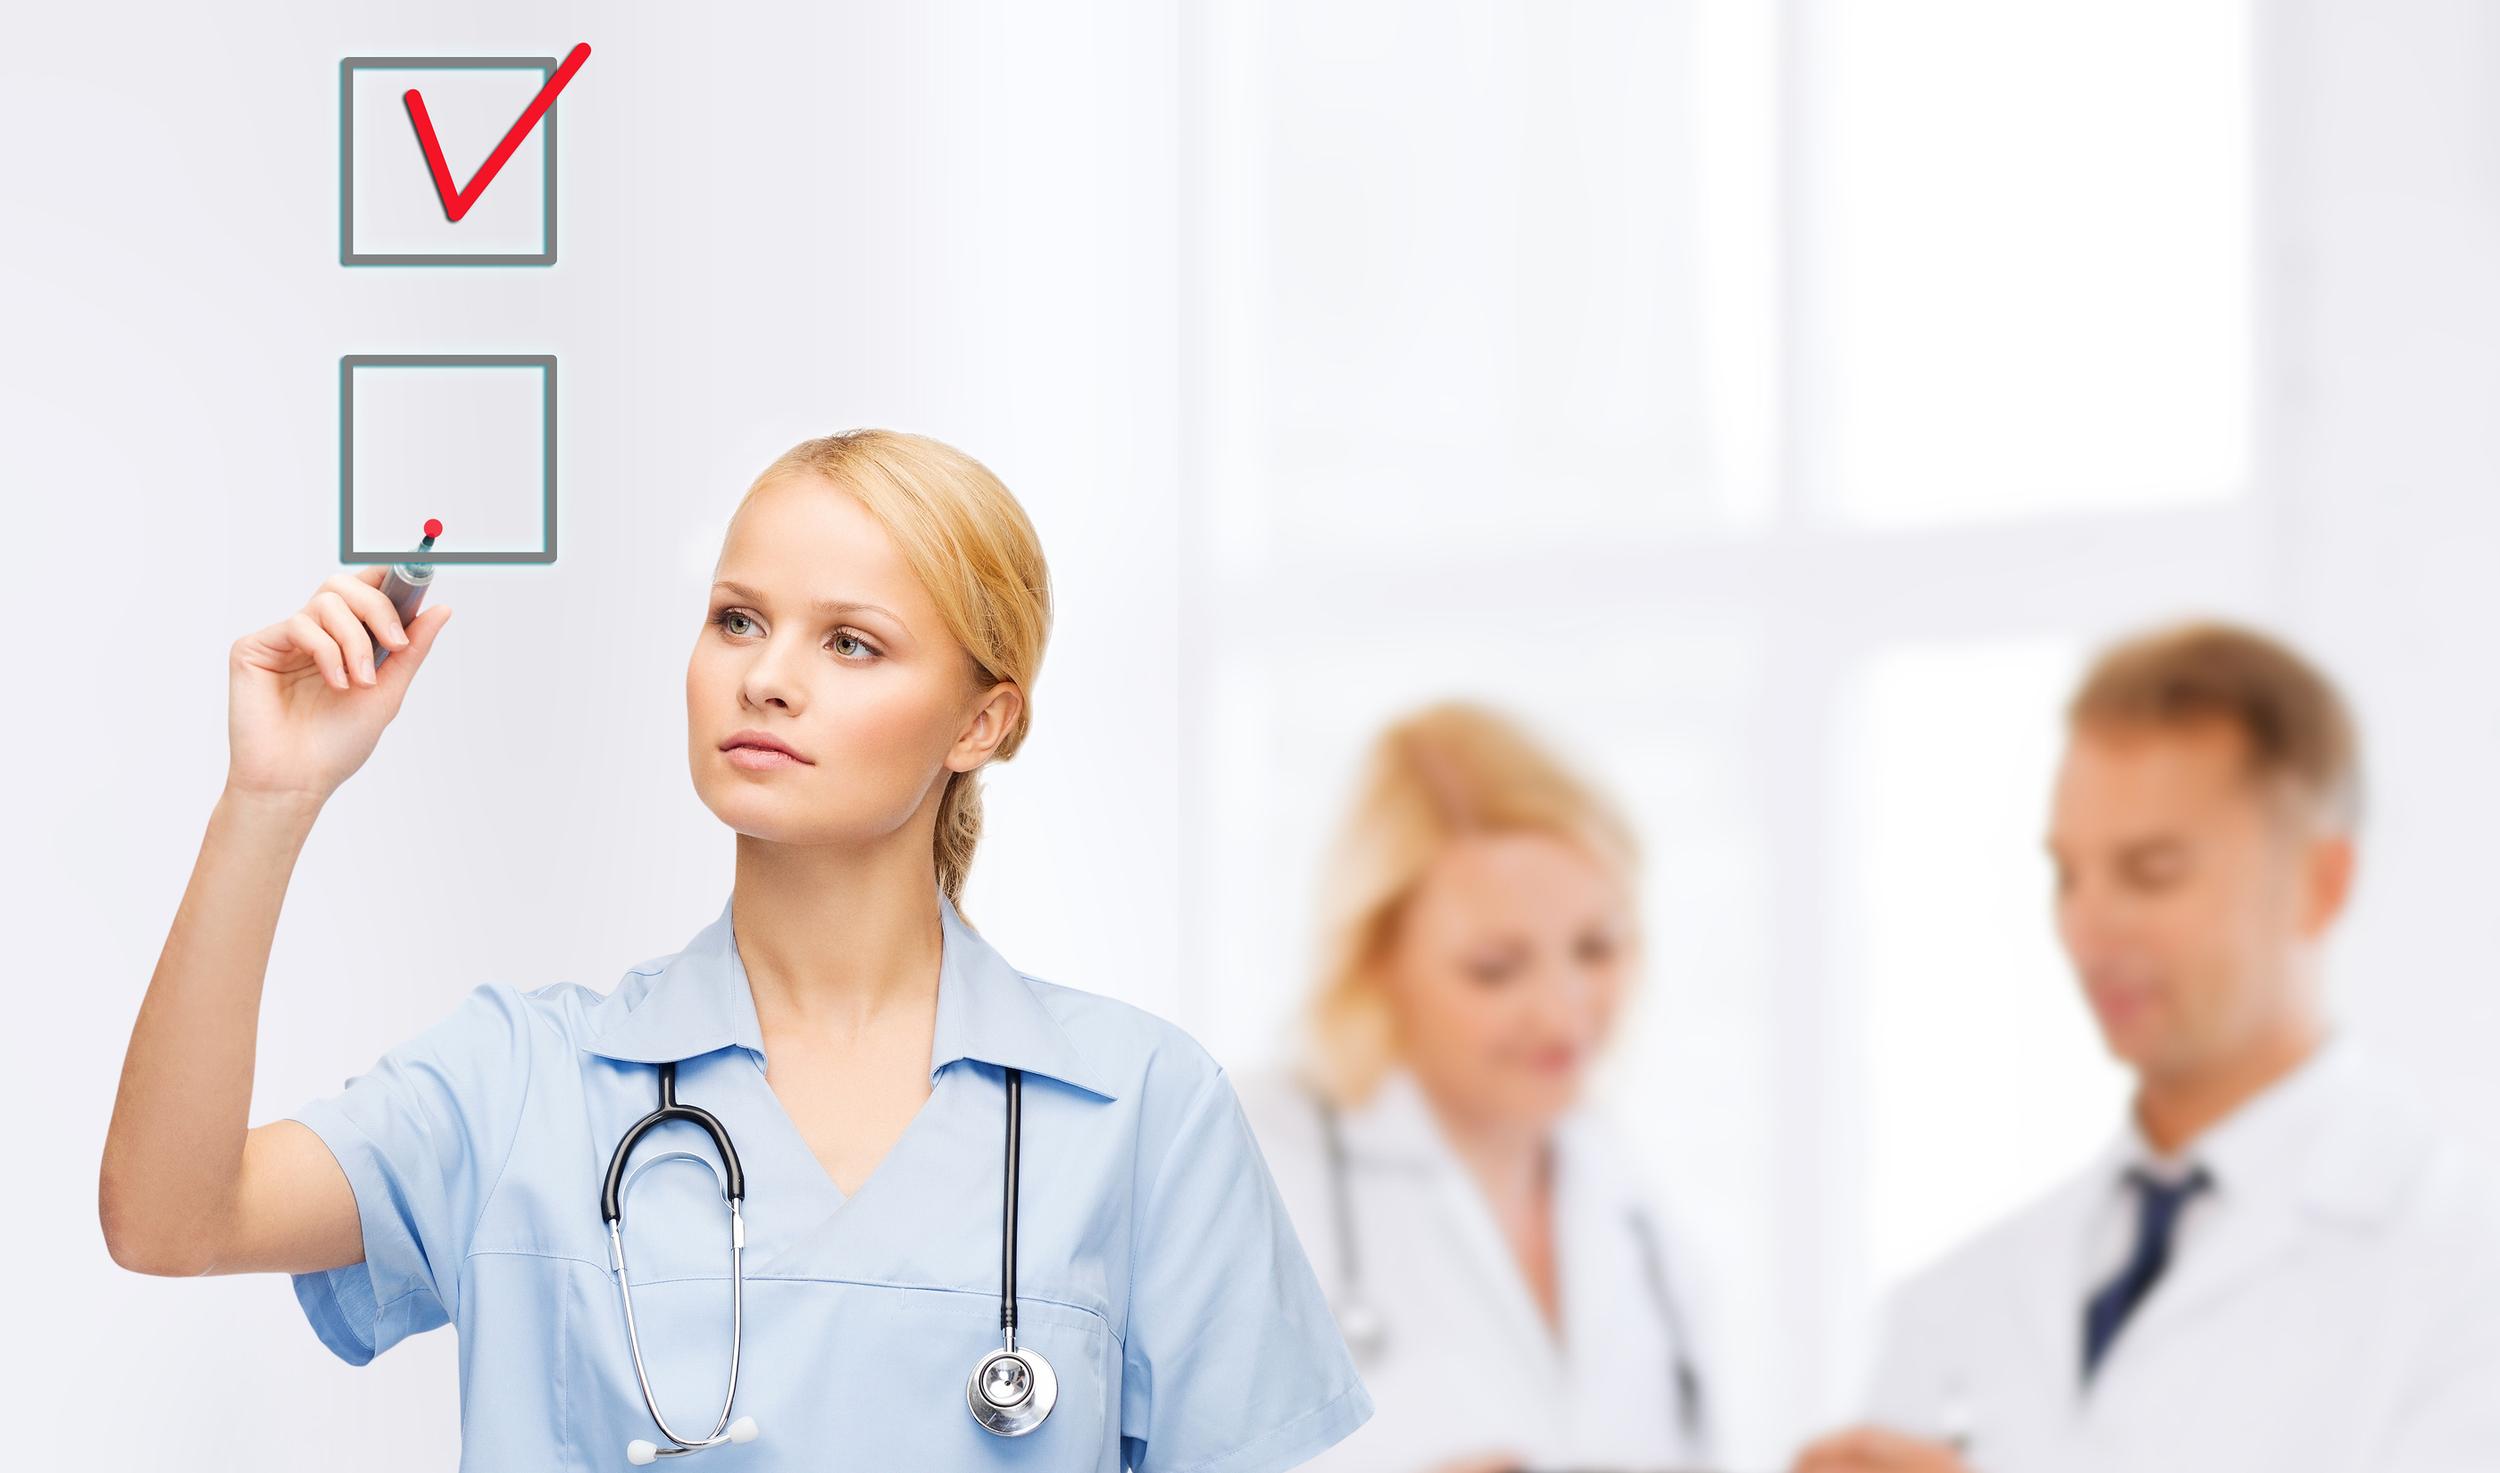 Affinity-technology-partners-nashville-tn-nurse